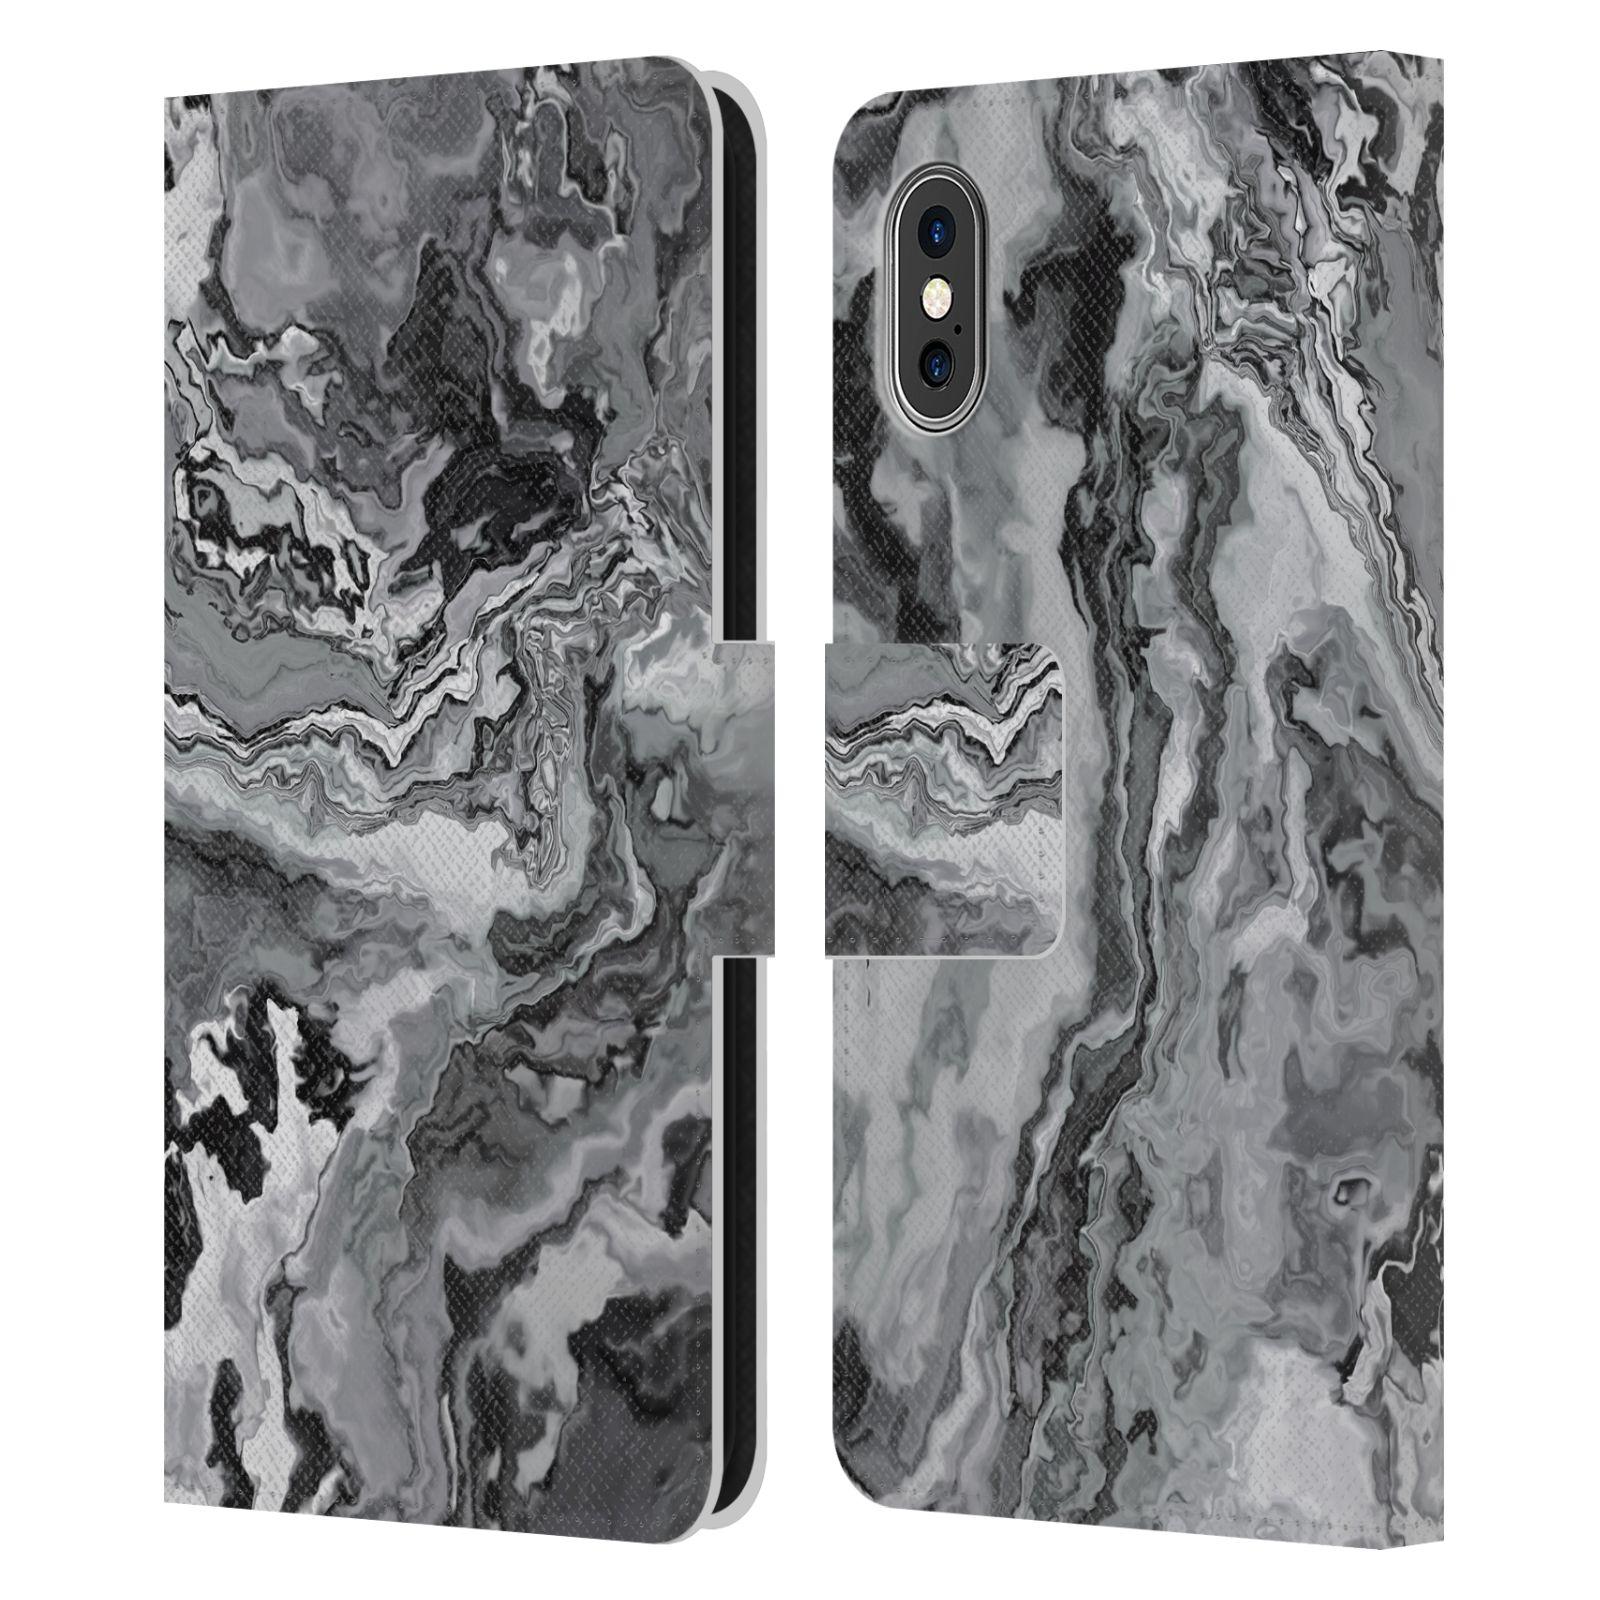 UFFICIALE-HAROULITA-MARMOREO-2-COVER-A-PORTAFOGLIO-PER-APPLE-iPHONE-TELEFONI